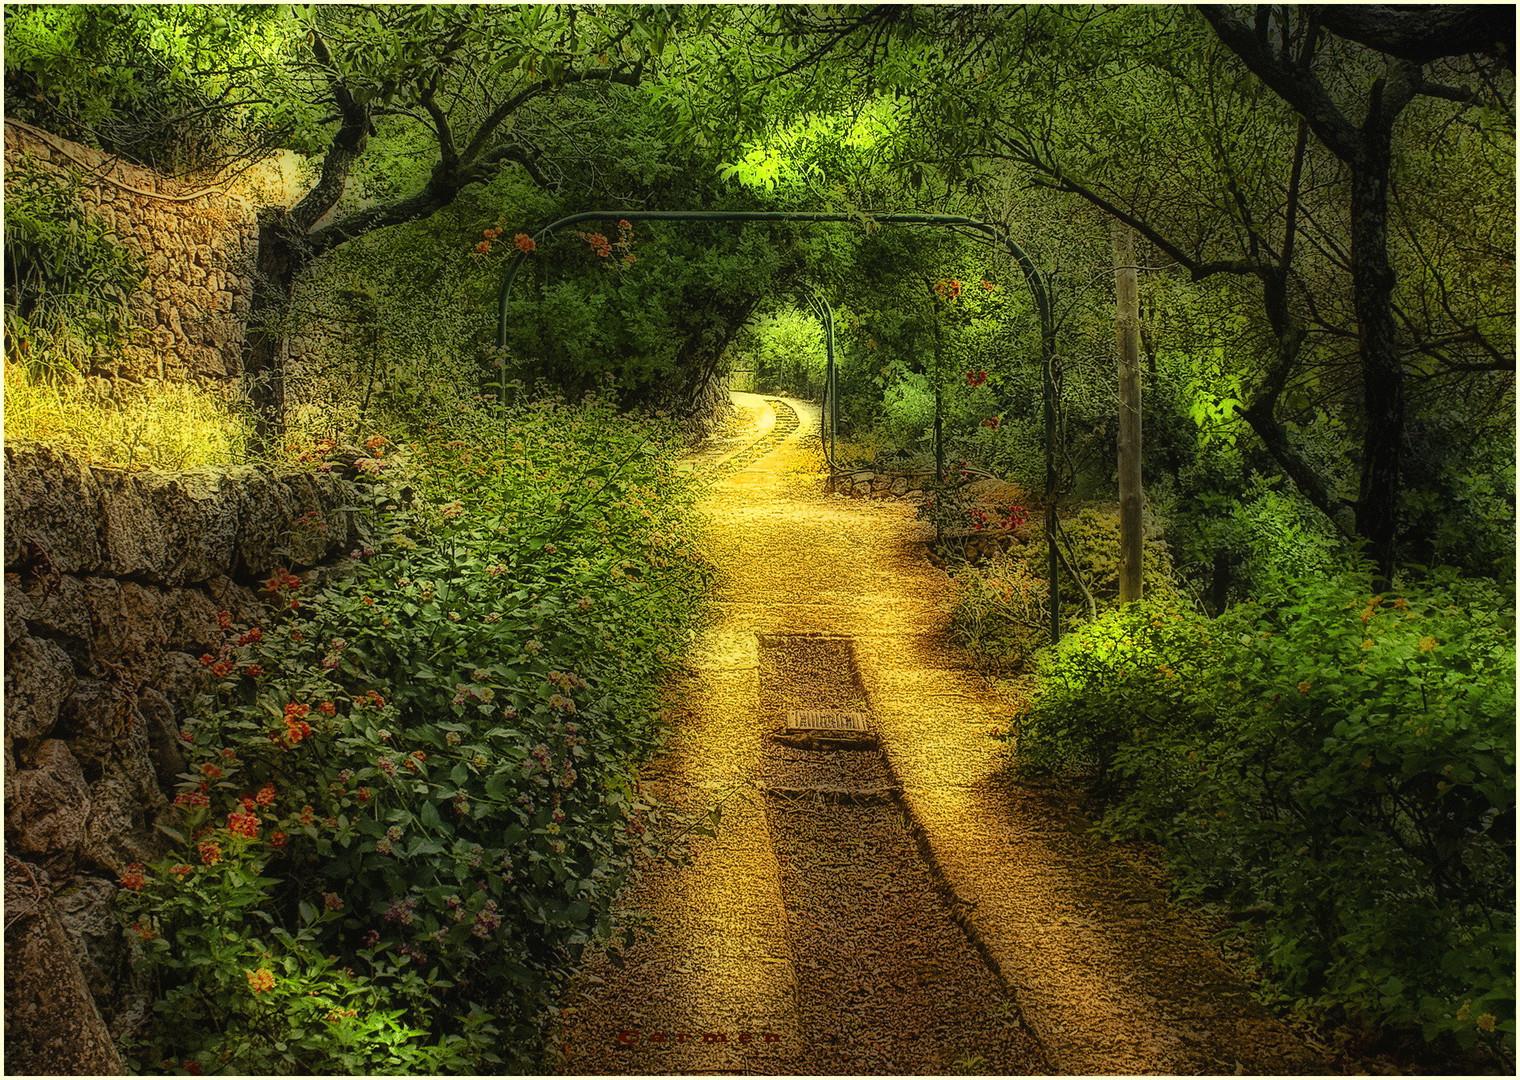 Siguiendo el camino...